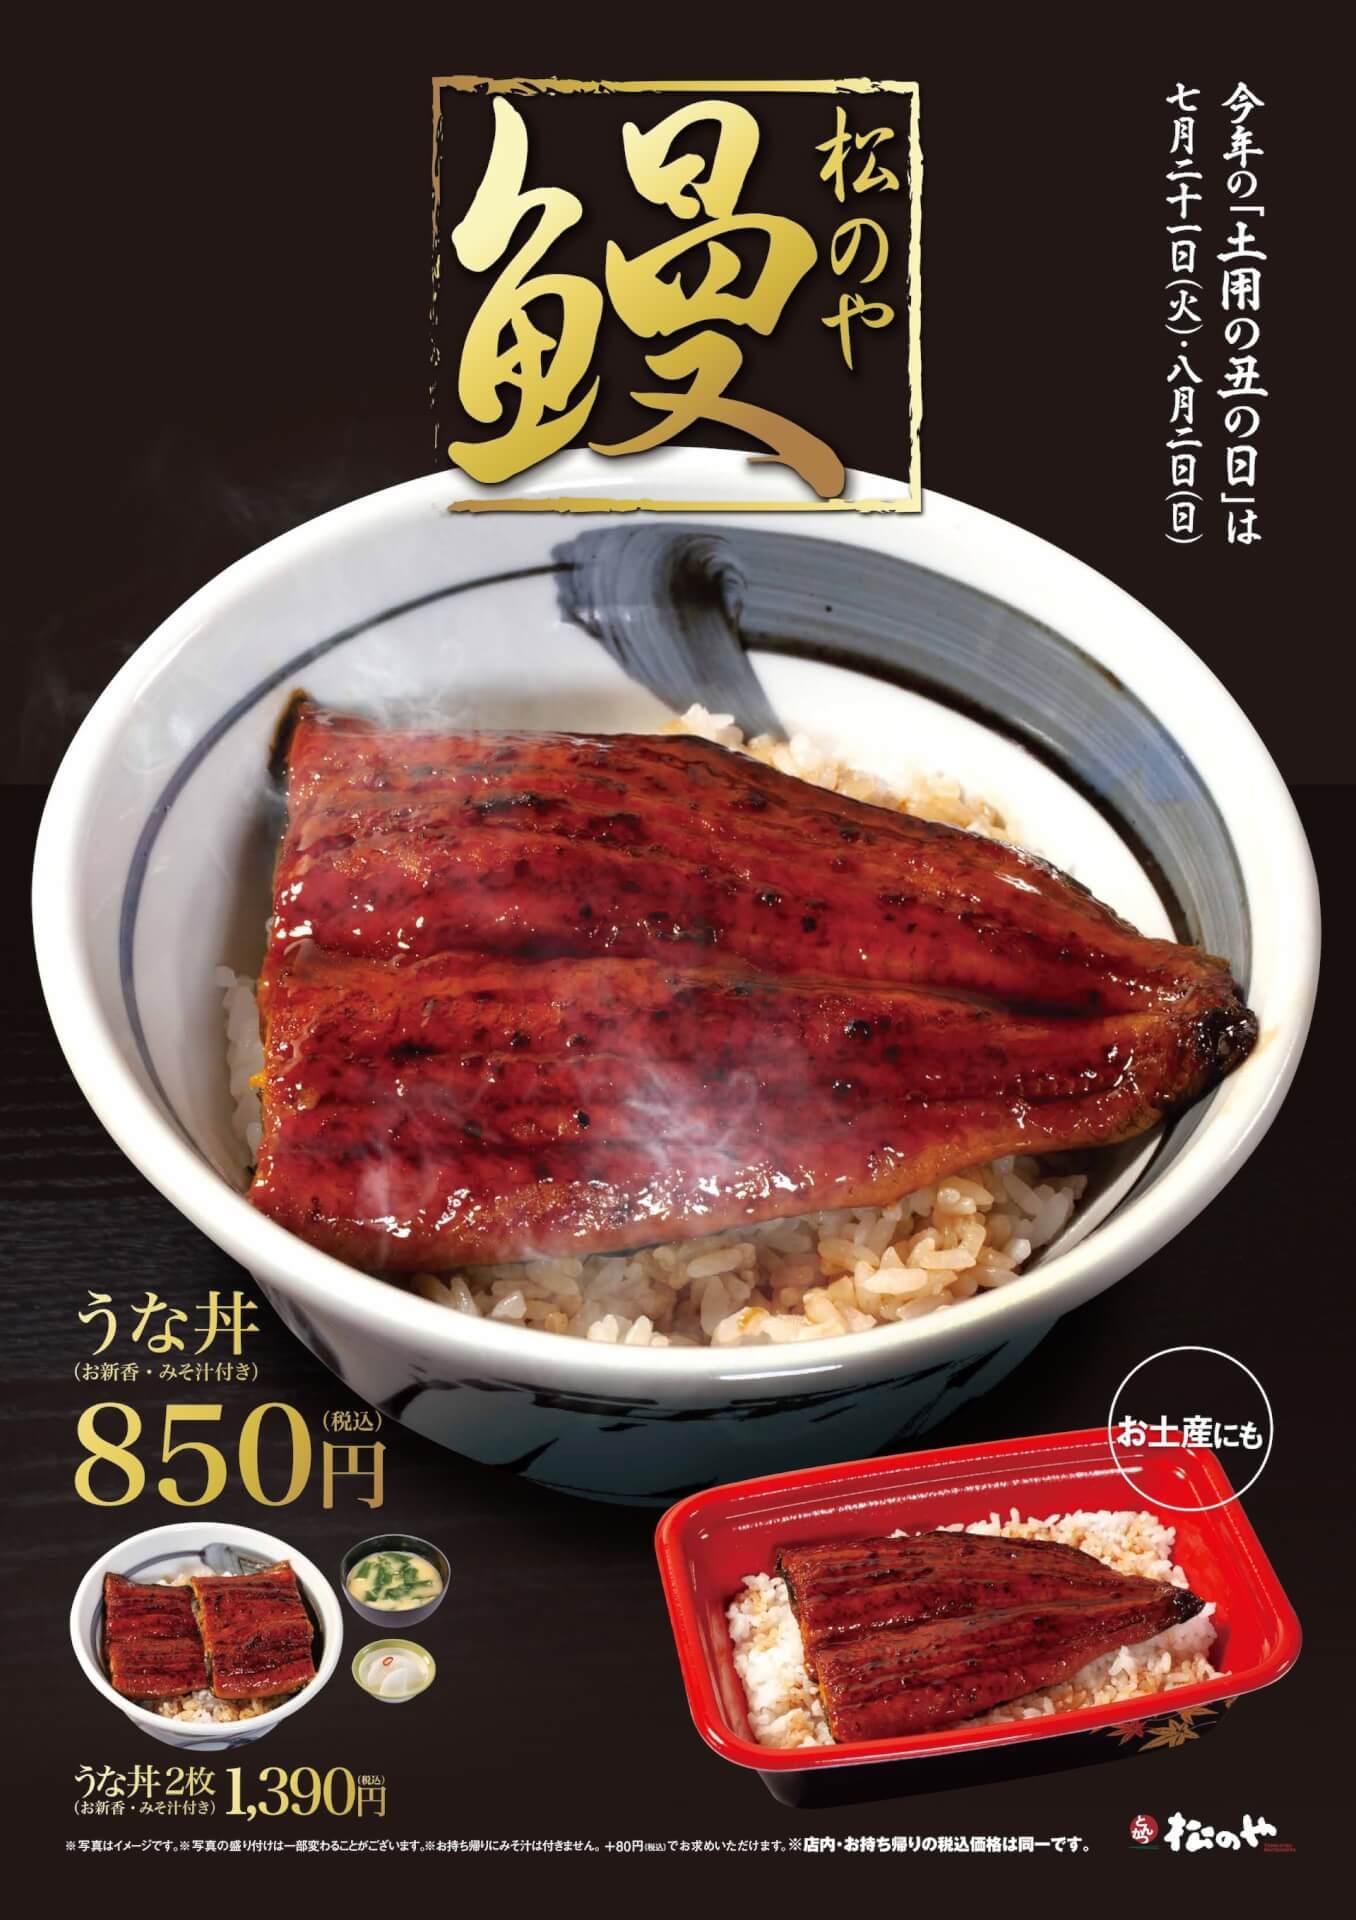 松屋で大人気のふわふわ肉厚な『うな丼』が松のやにも期間限定で登場!ライス大盛り無料サービスも gourmet200715_unadon_01